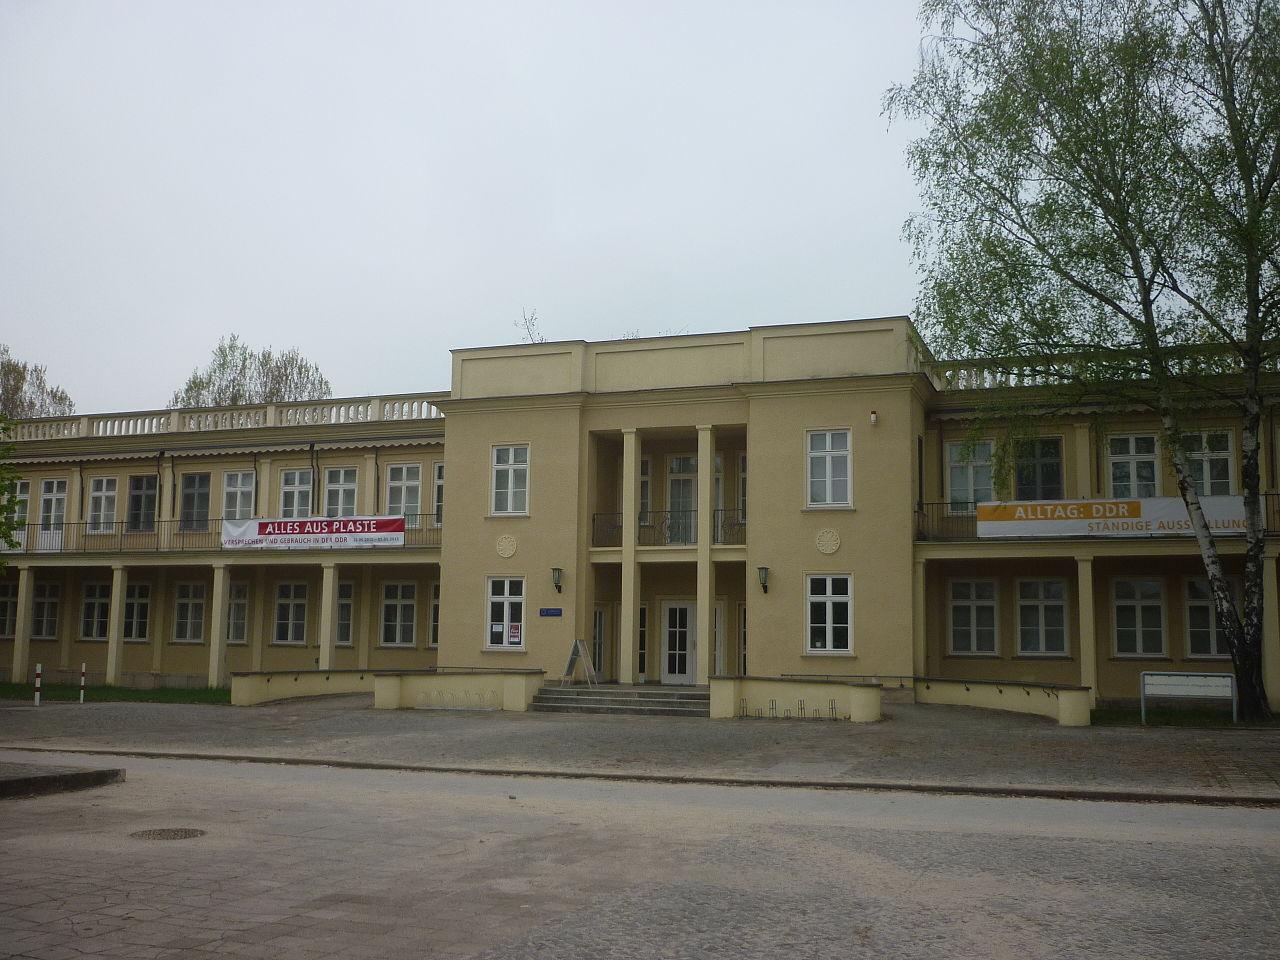 Bild Dokumentationszentrum Alltagskultur der DDR Eisenhüttenstadt